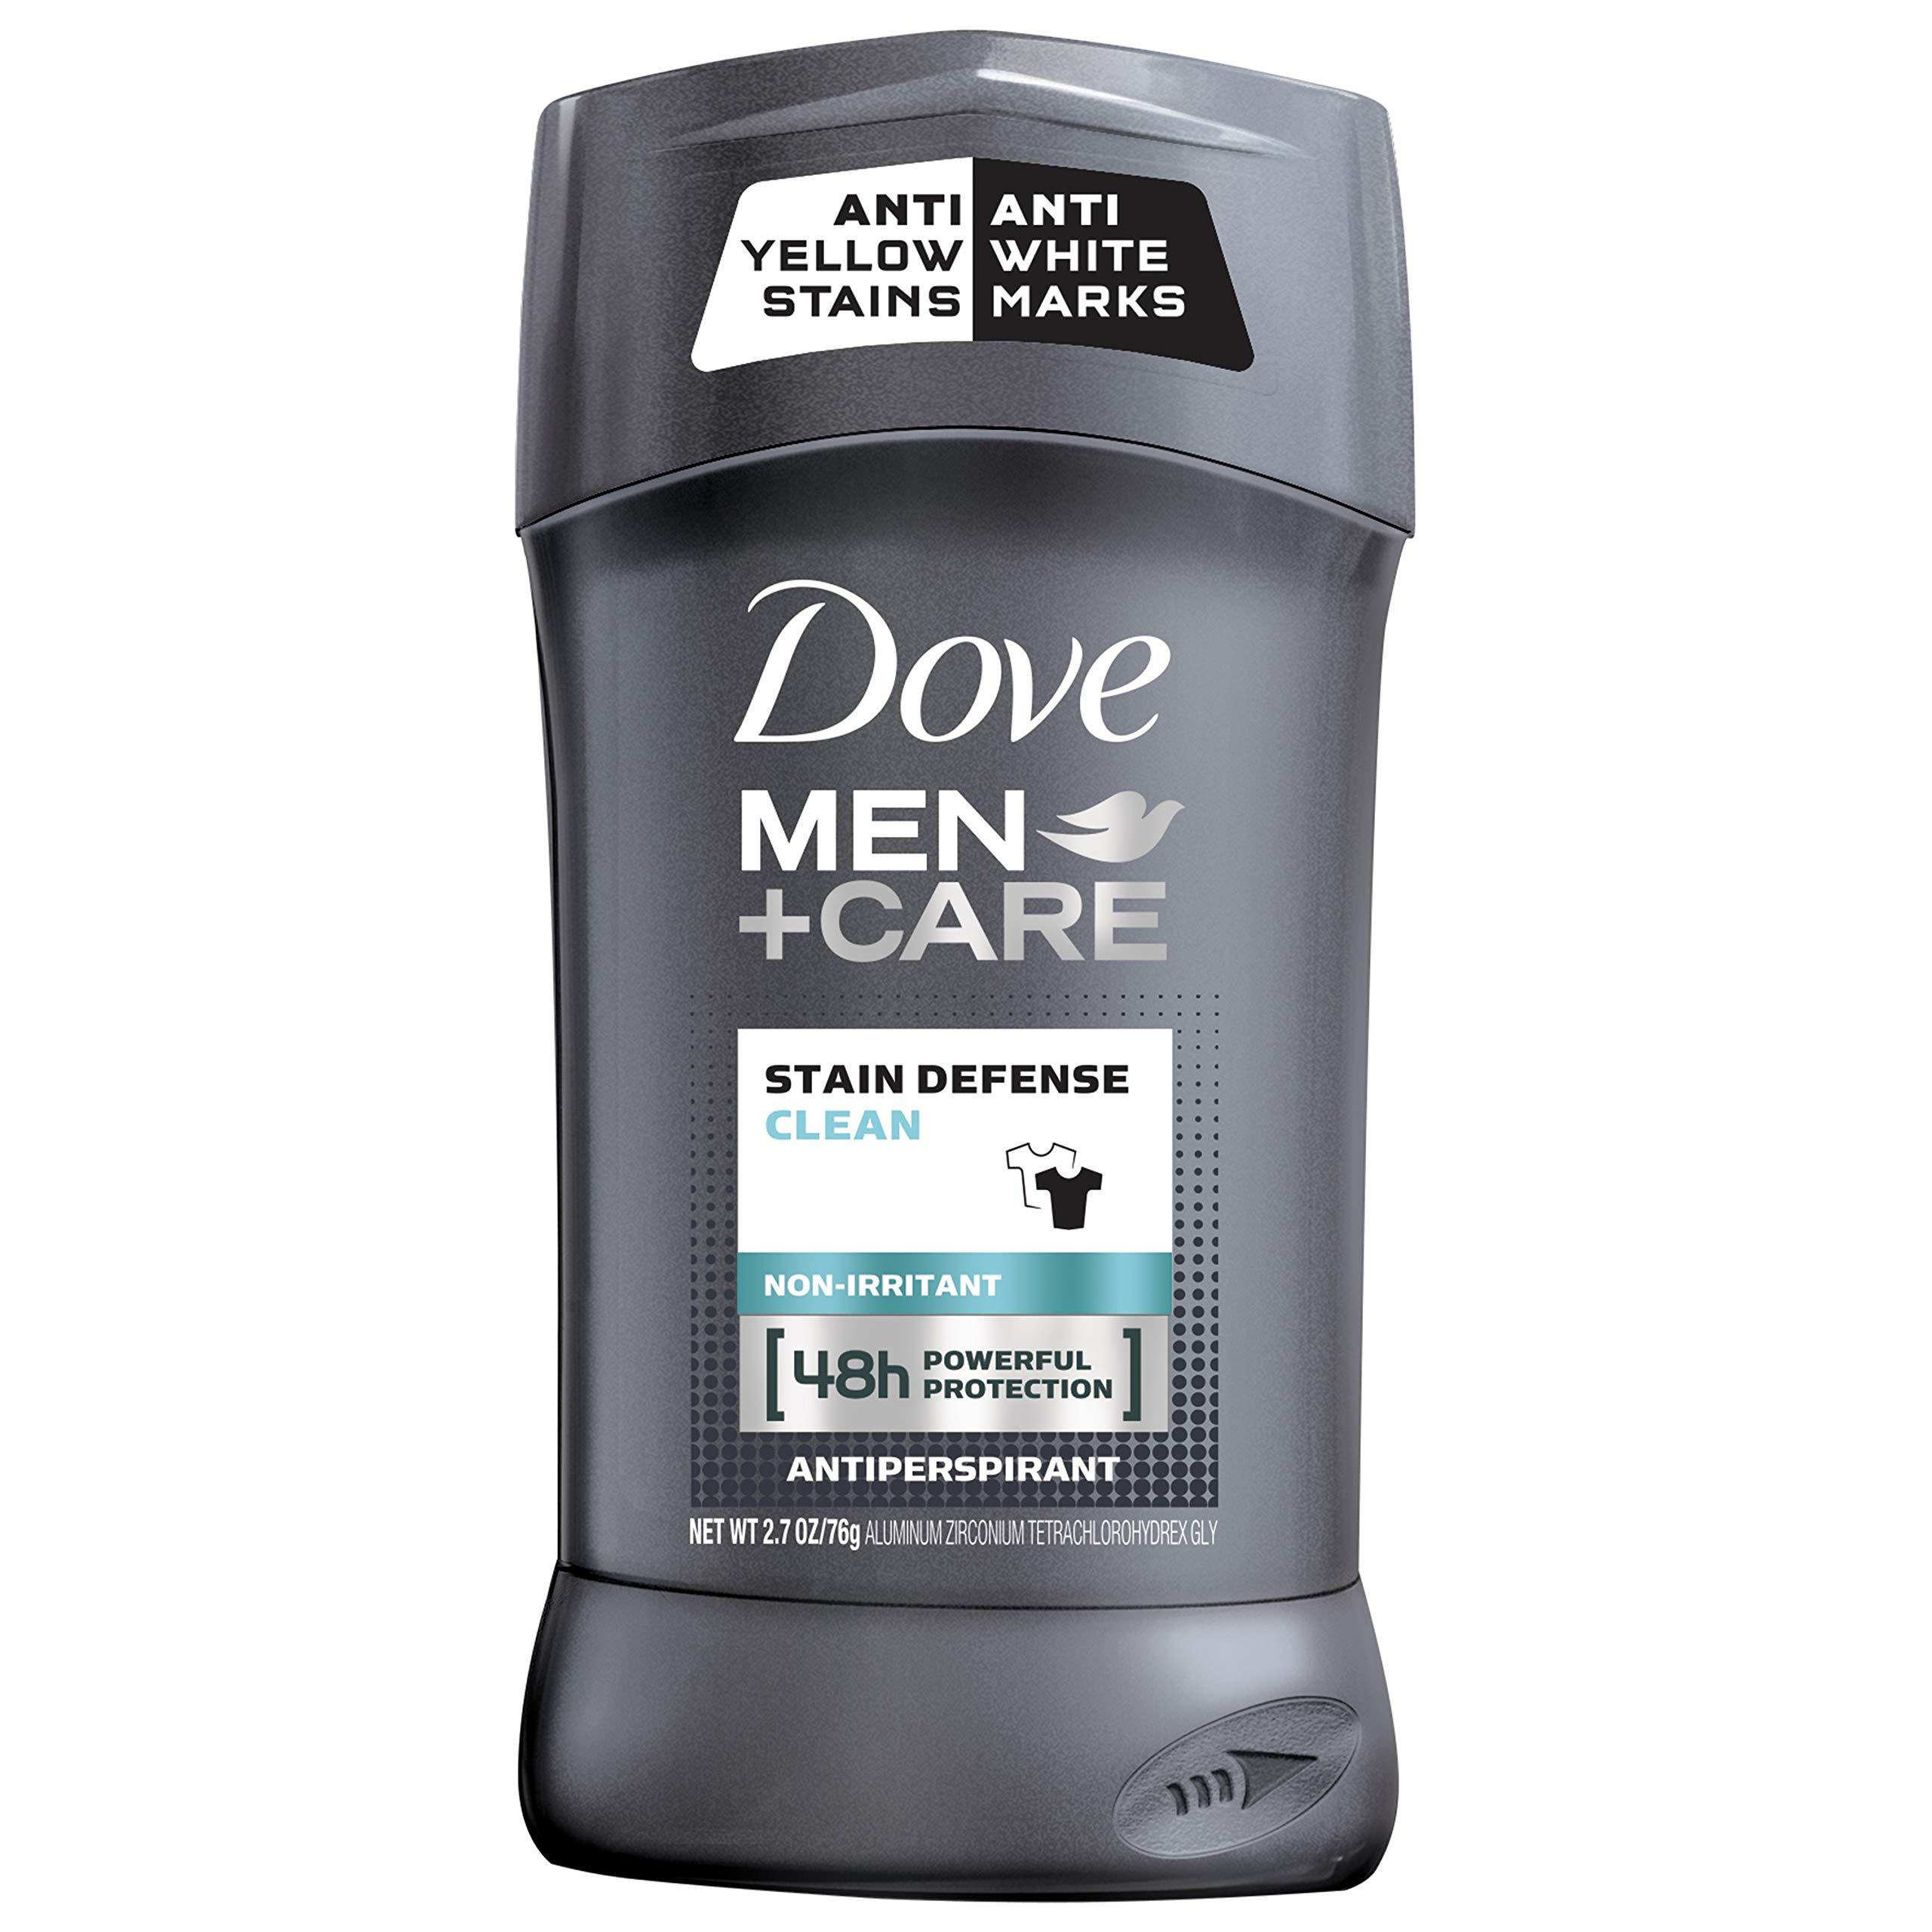 Dove Men+Care No White Marks Antiperspirant Stick Invisible - 2.7oz Clear